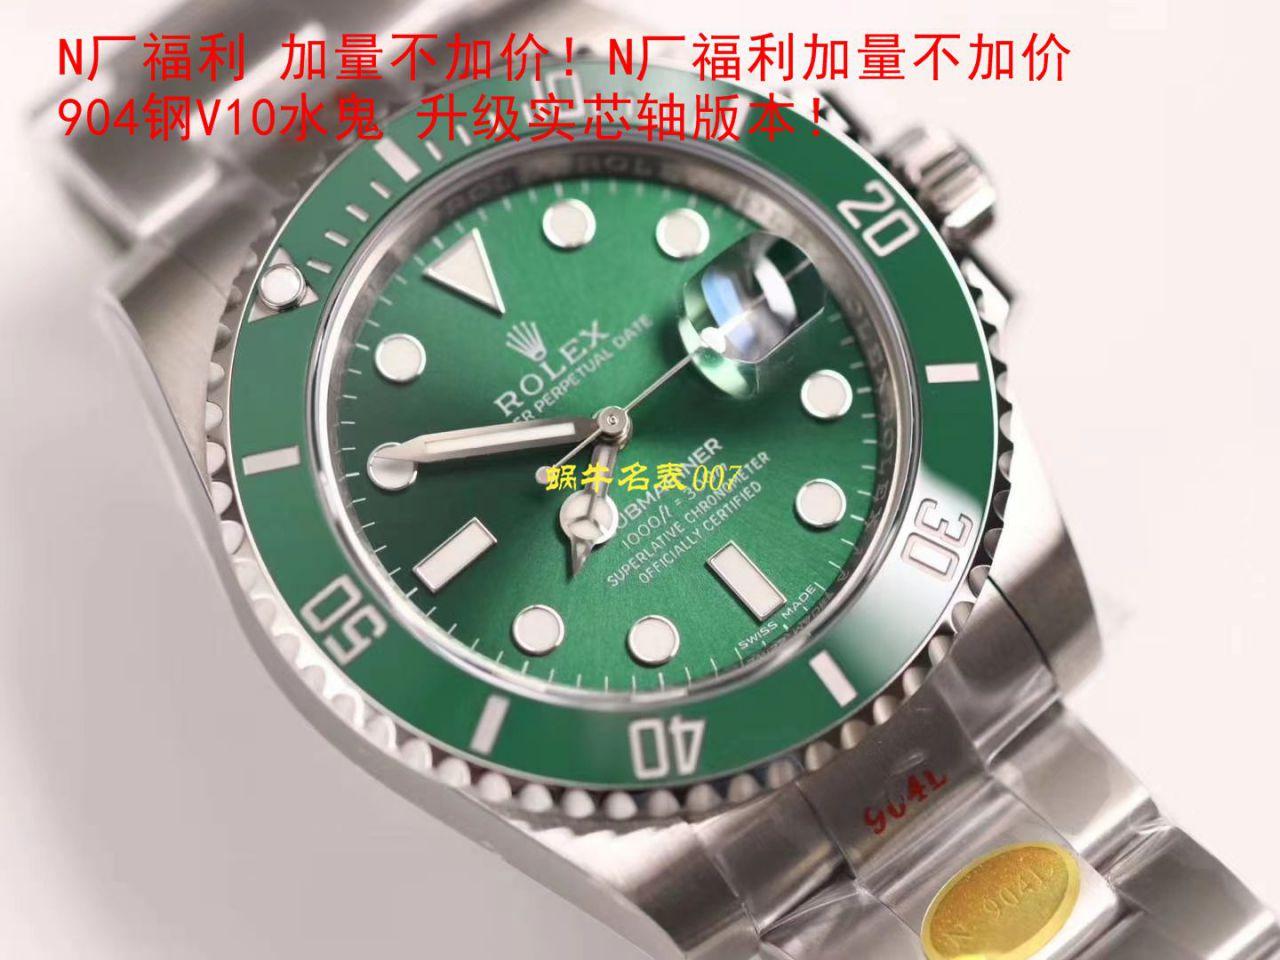 【视频评测最完美复刻Rolex绿水鬼SUBN厂V10升级版】劳力士潜航者型系列116610LV-97200绿盘腕表 / R392